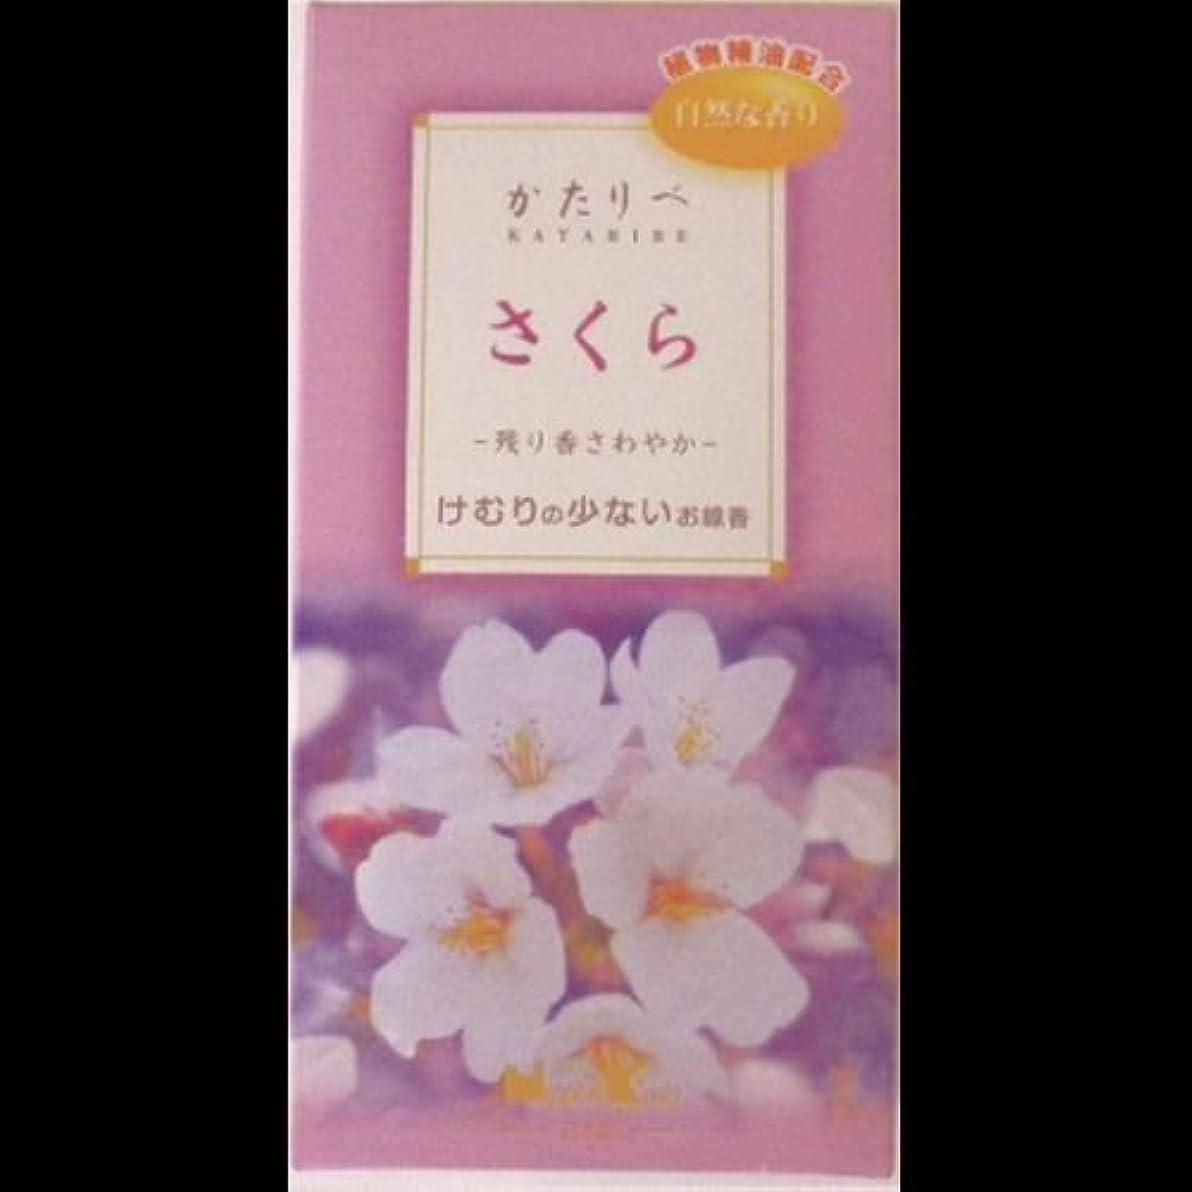 ストレージ乱用レパートリー【まとめ買い】かたりべ さくら バラ詰 ×2セット